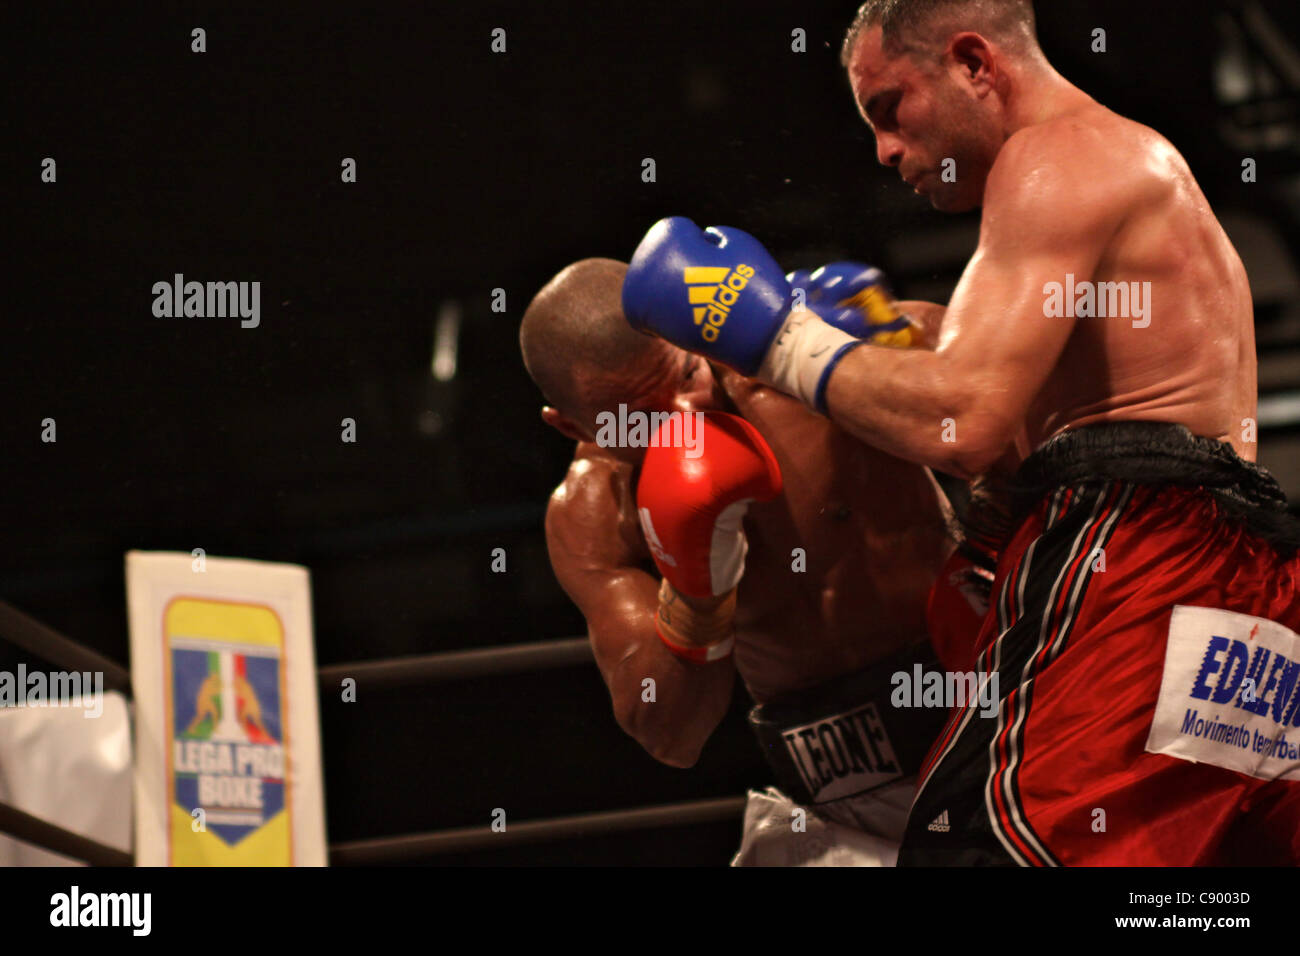 FLORENCE (IT), 04/nov/2011: VS Bundu Petrucci, Boxe Poids welter titre européen @ Mandela Forum - Petrucci Photo Stock